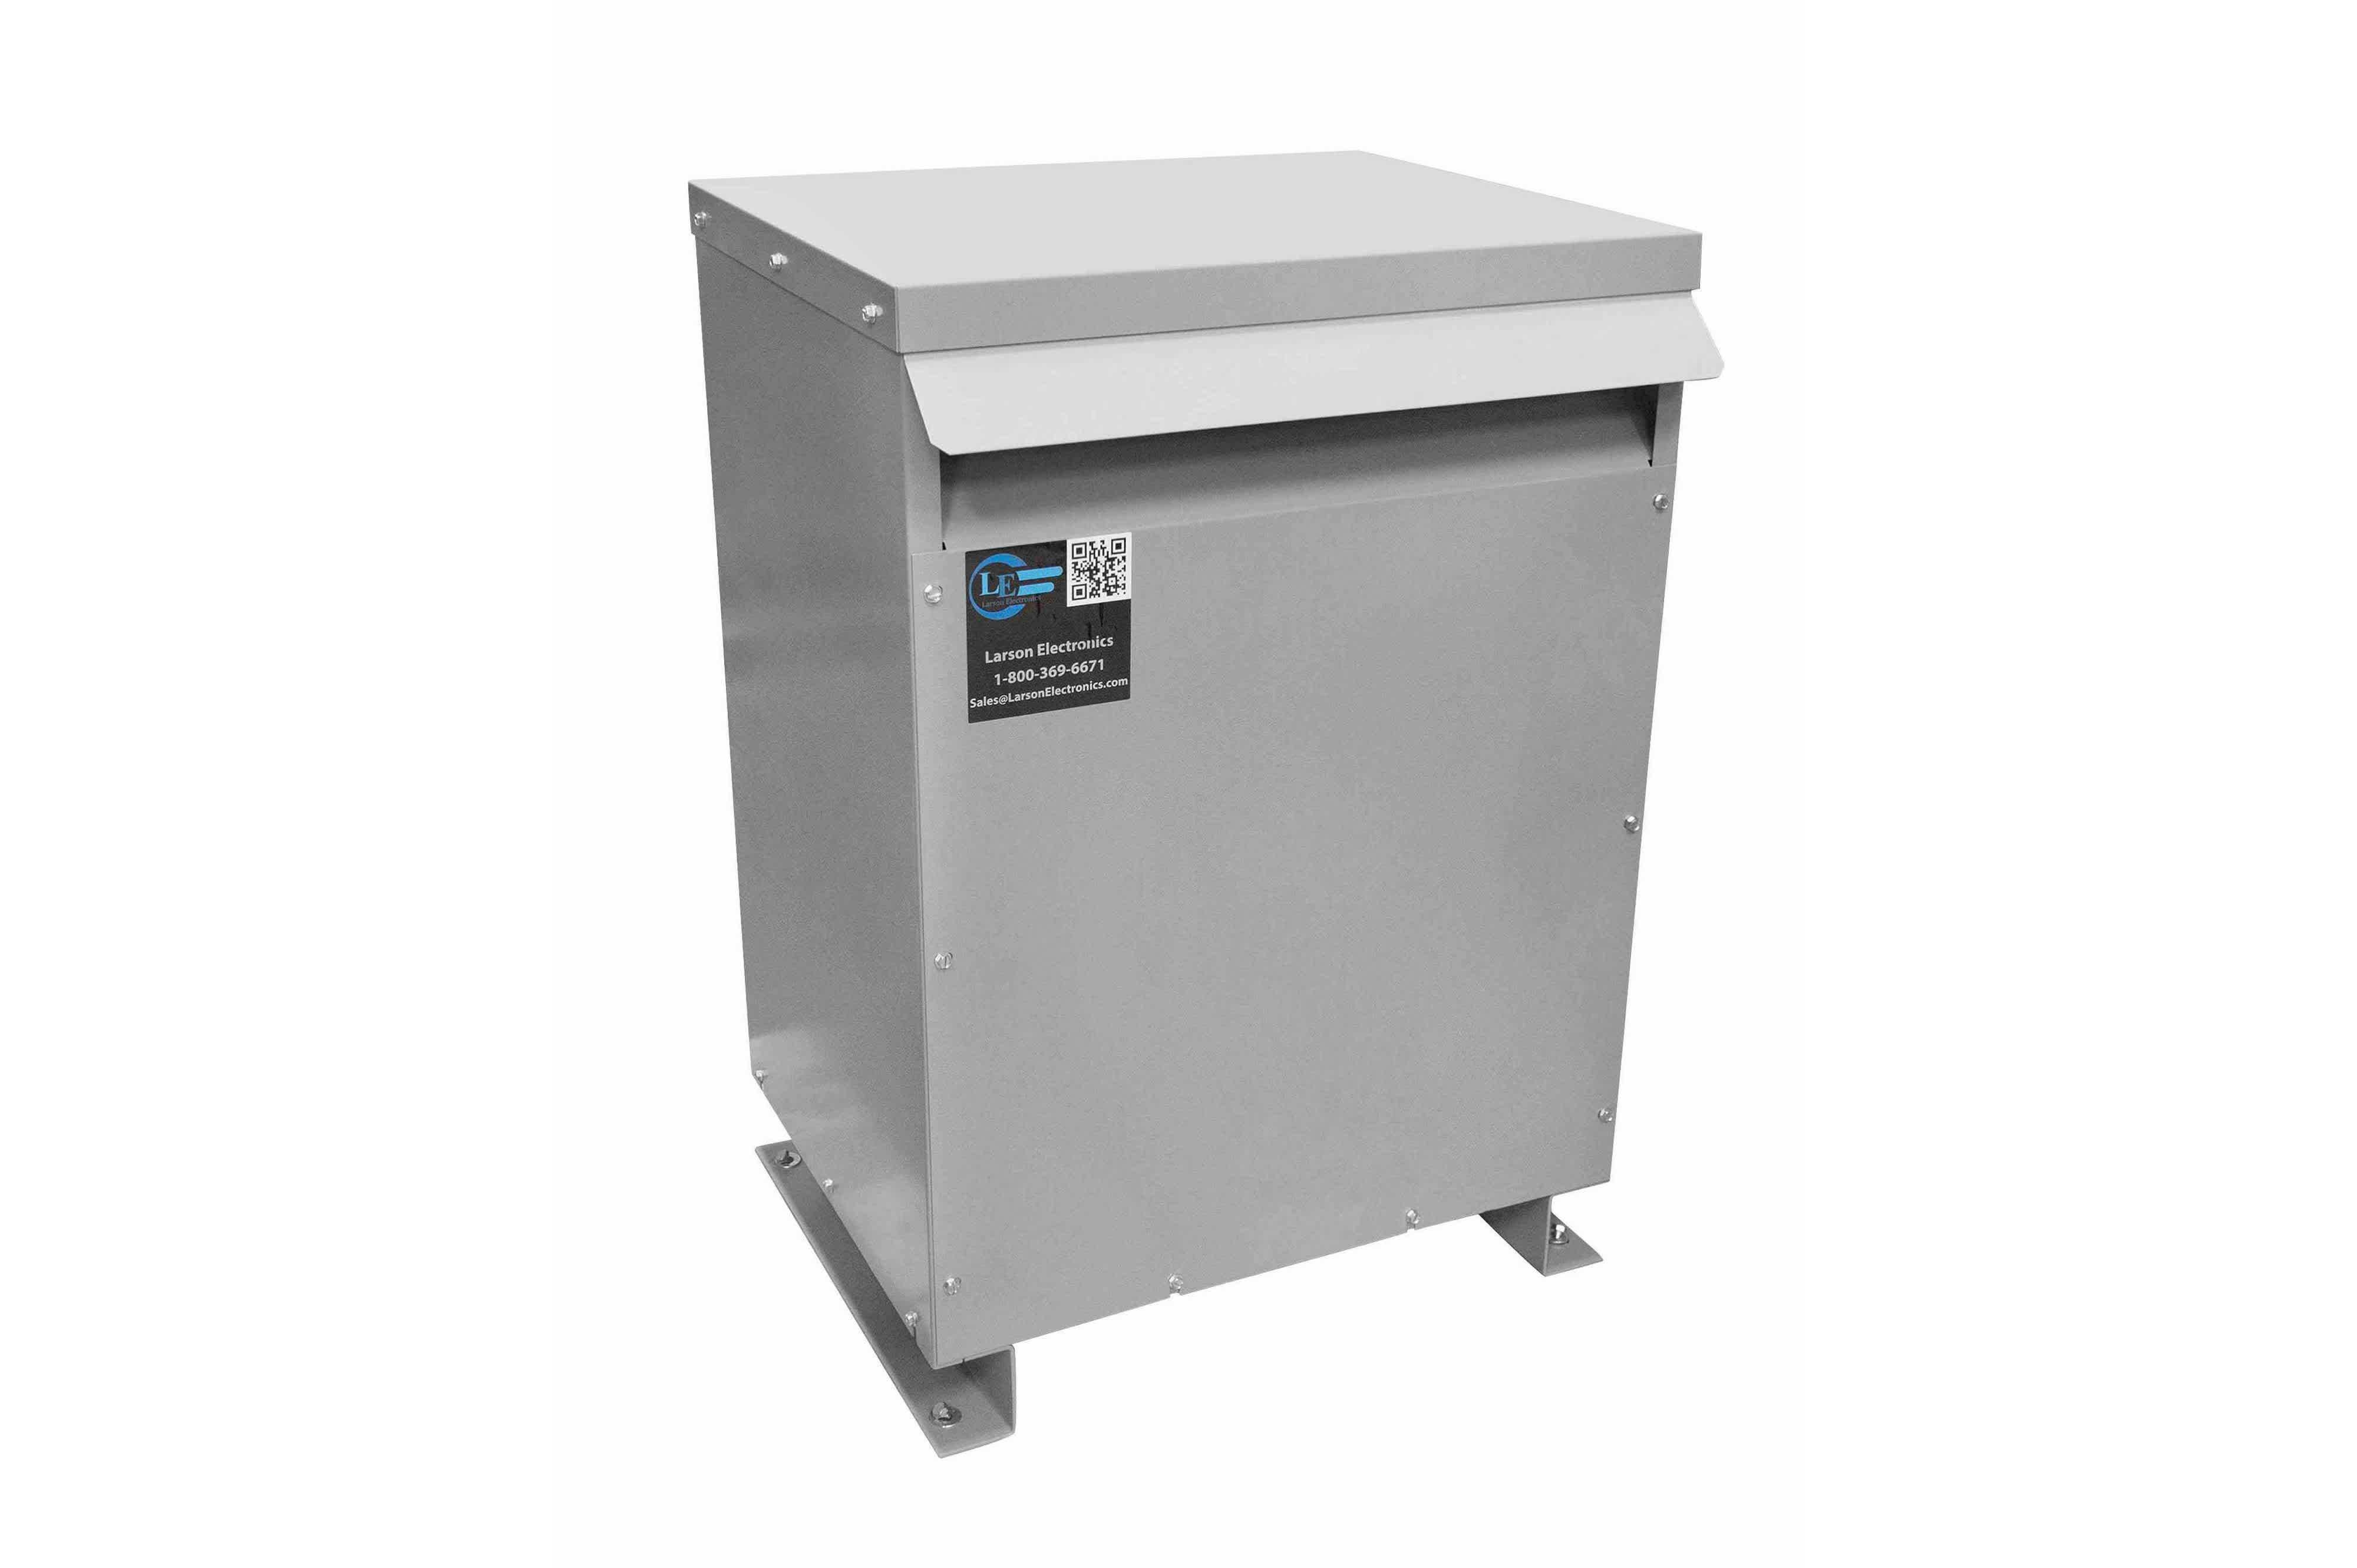 137.5 kVA 3PH Isolation Transformer, 400V Delta Primary, 600V Delta Secondary, N3R, Ventilated, 60 Hz